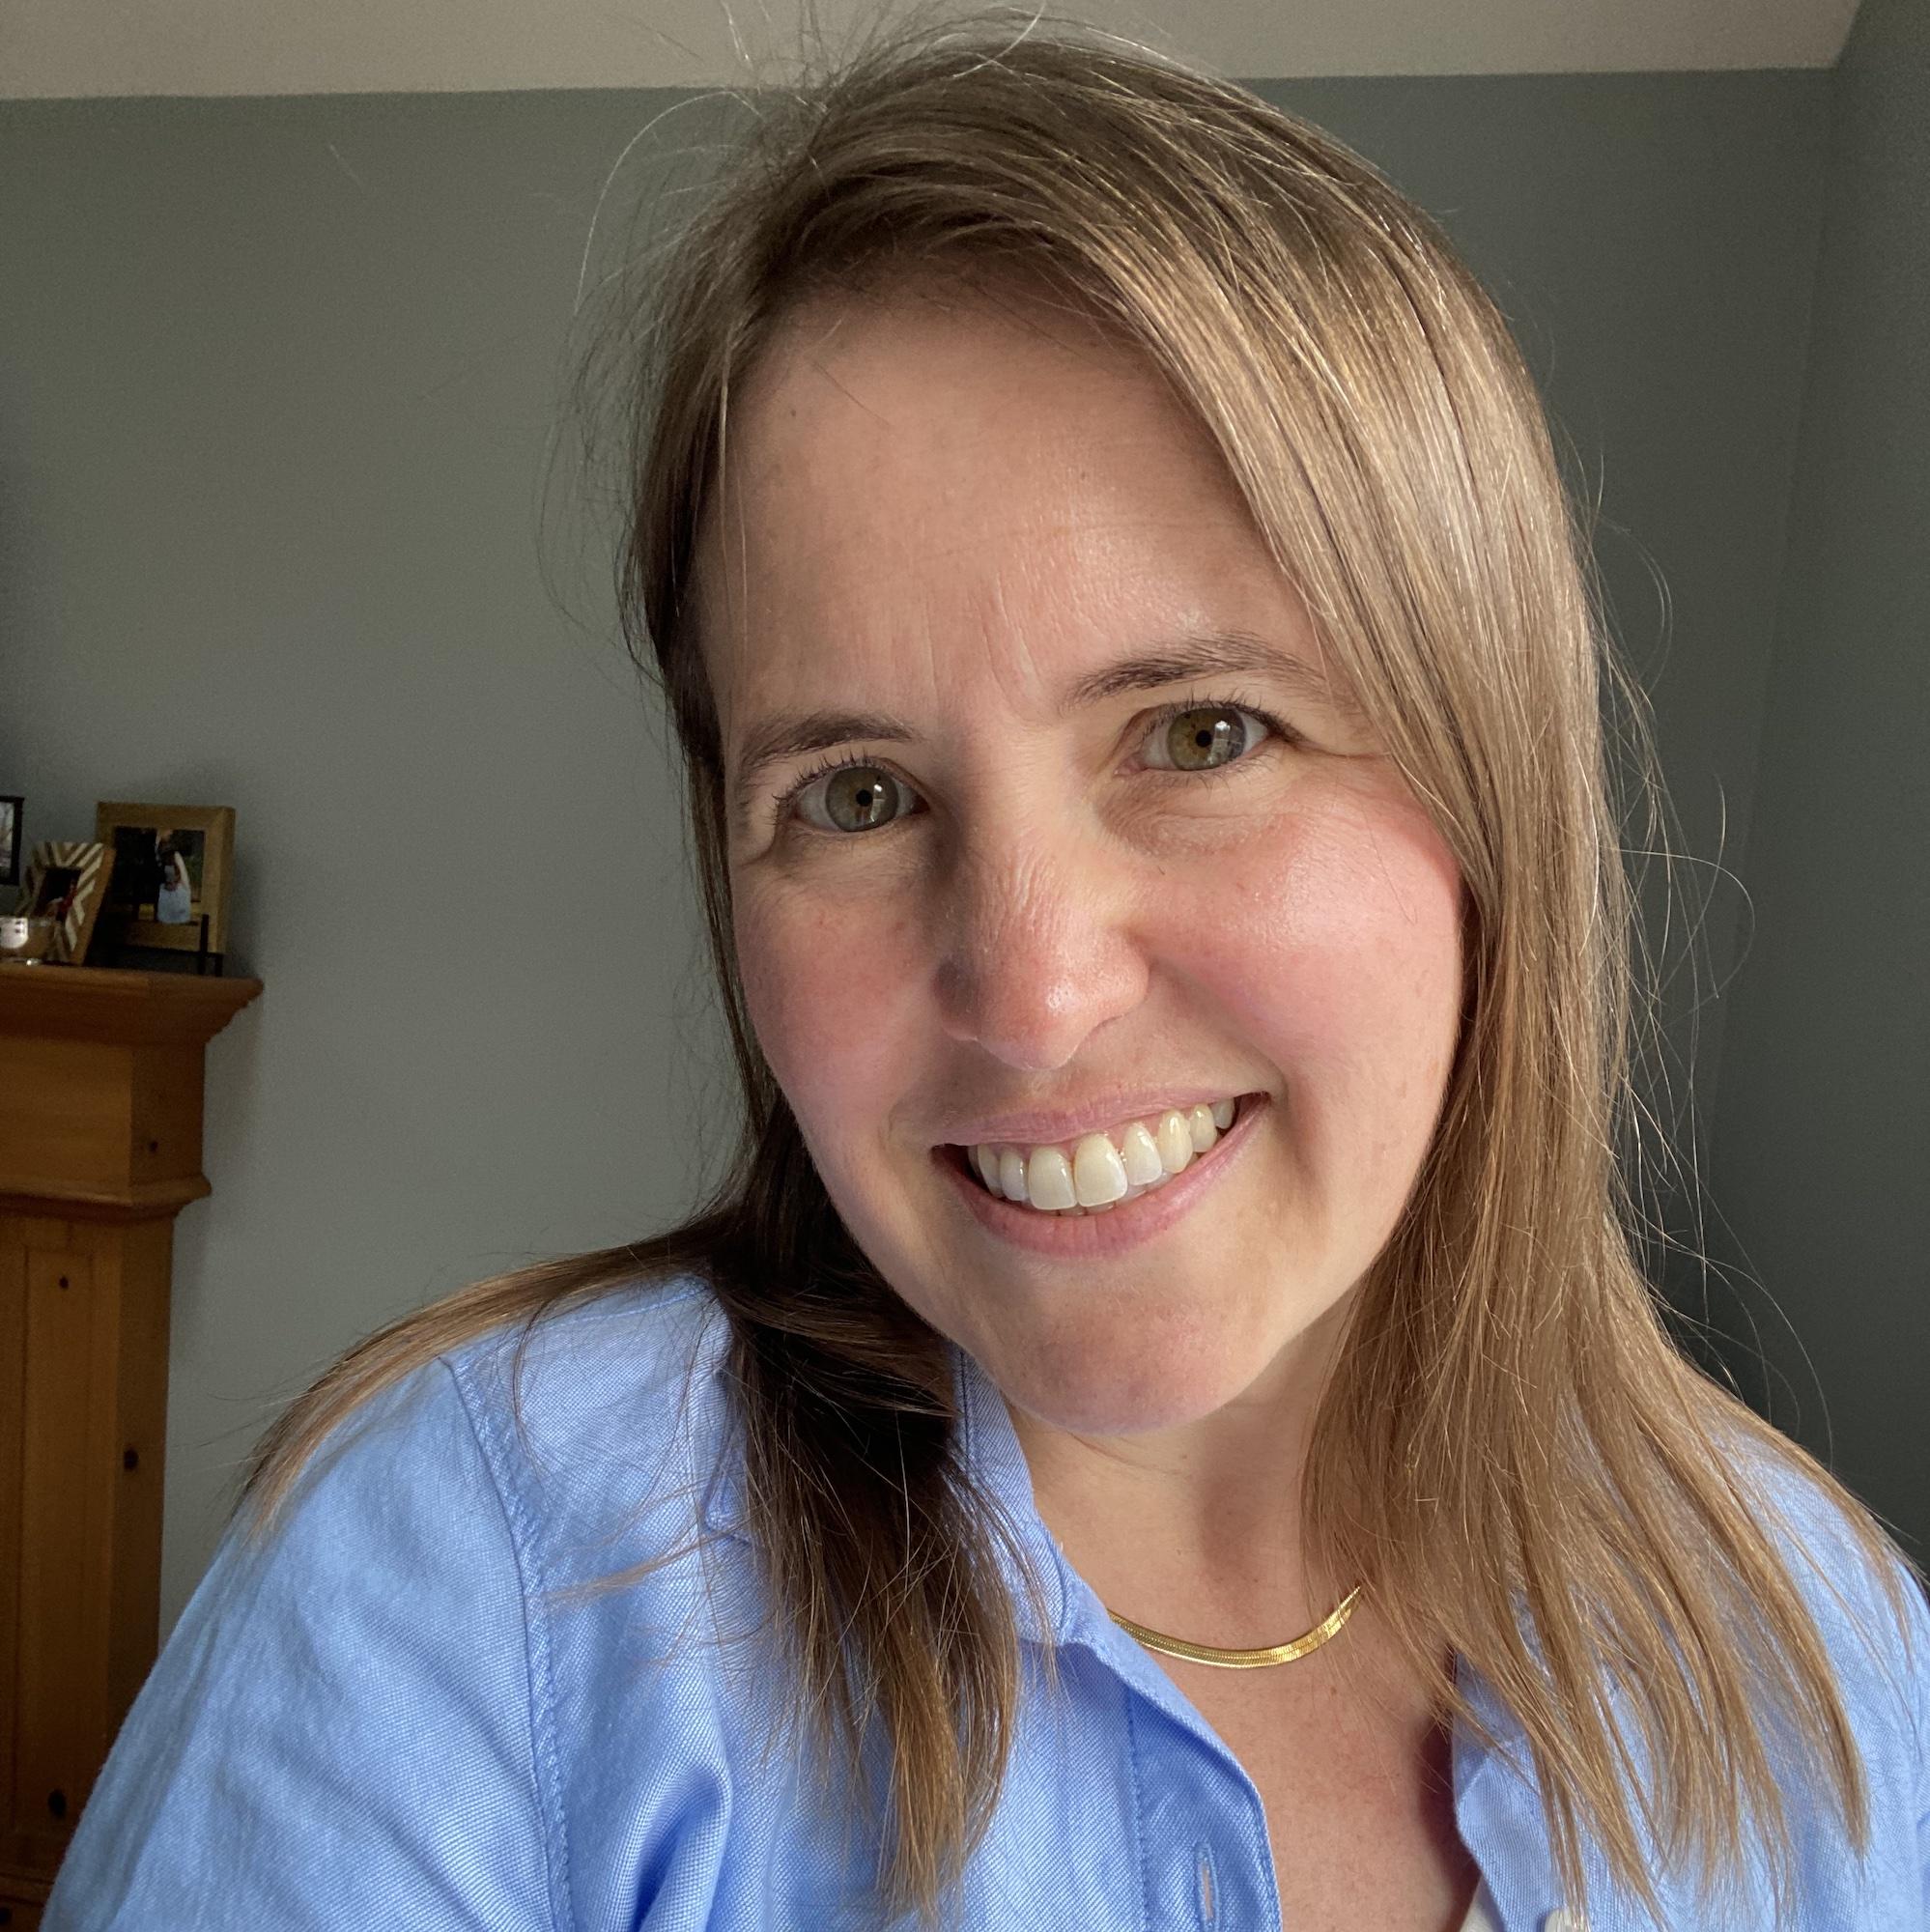 Alicia Sheill